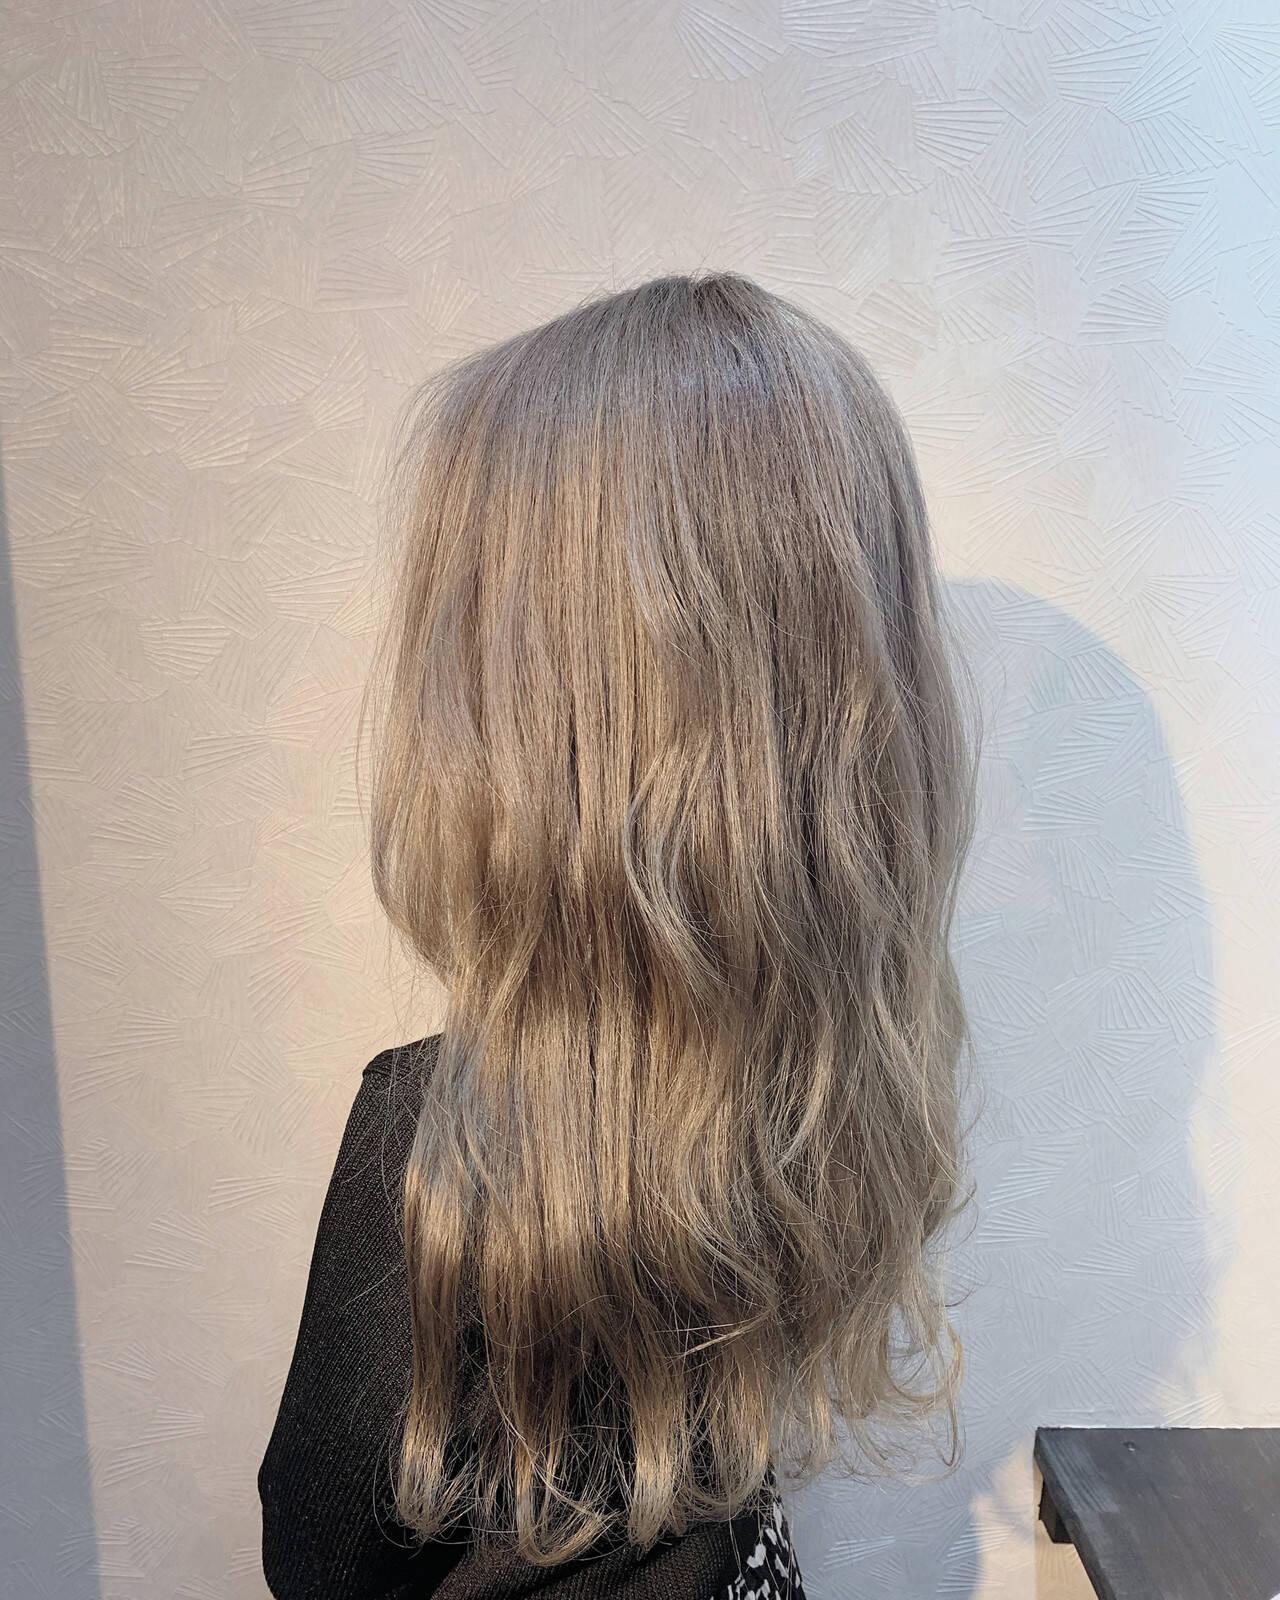 ホワイトブリーチ ホワイトグレージュ ガーリー ホワイトベージュヘアスタイルや髪型の写真・画像